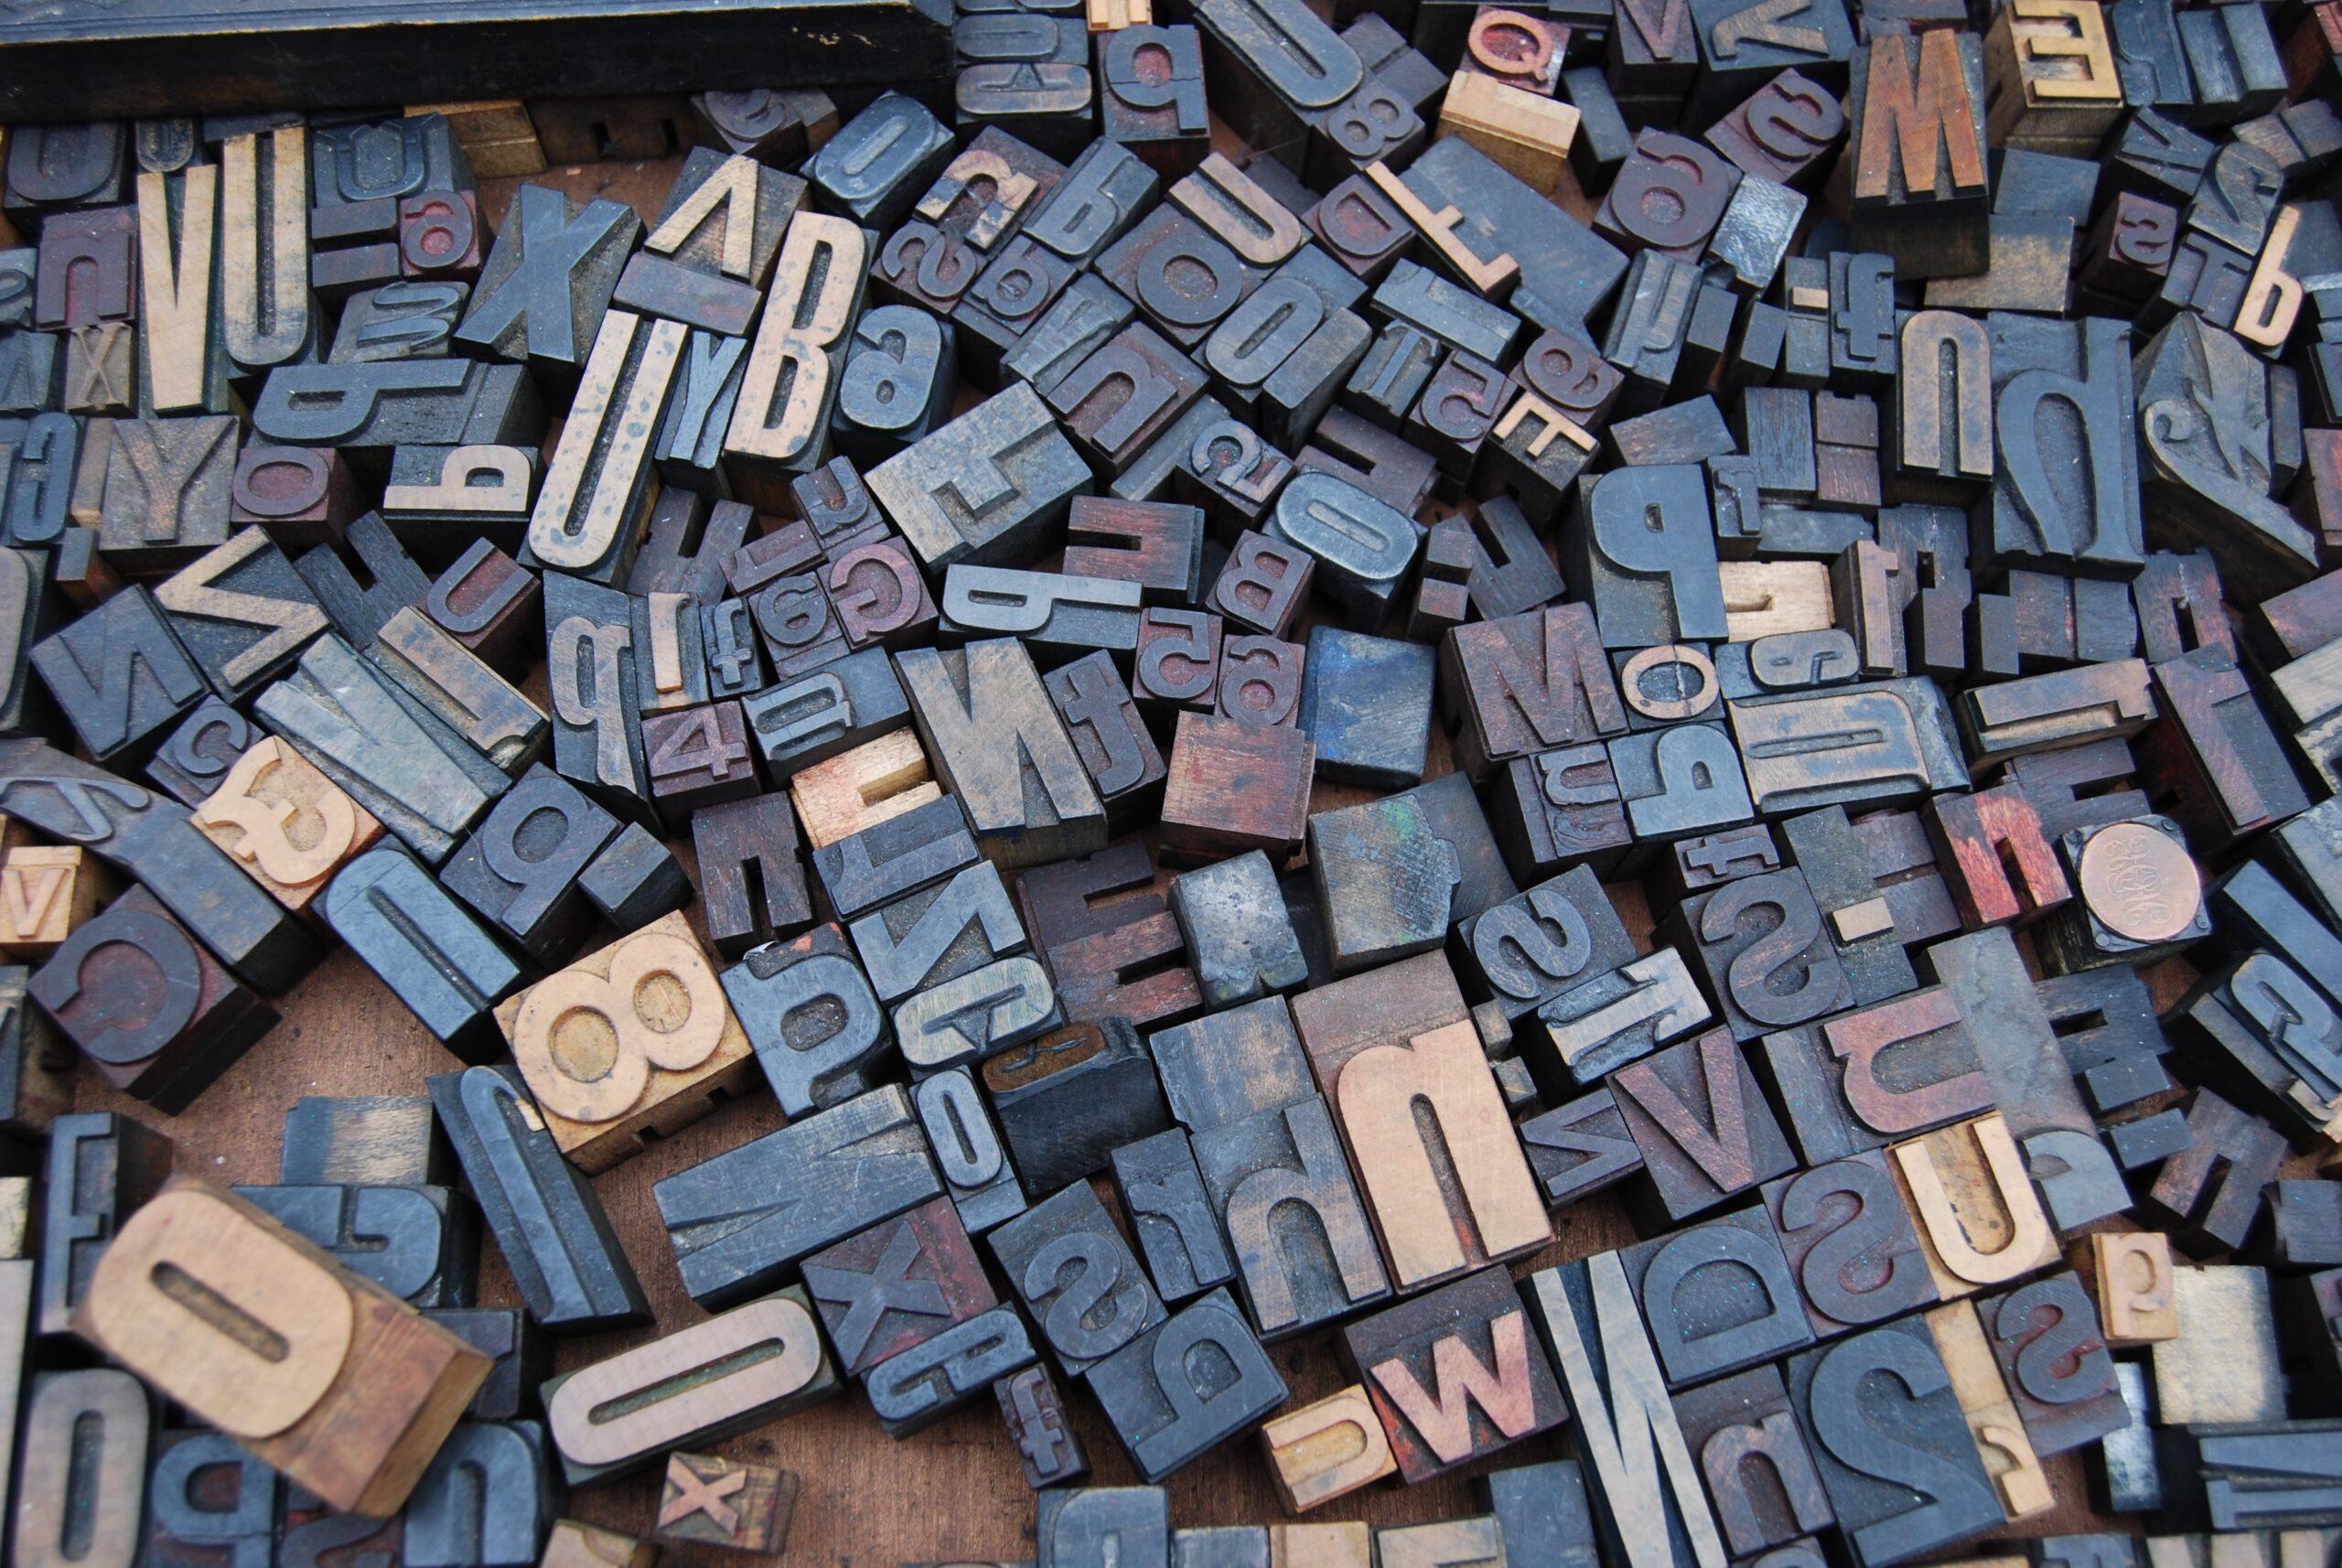 フォントを探す際、ツールは最後に使う